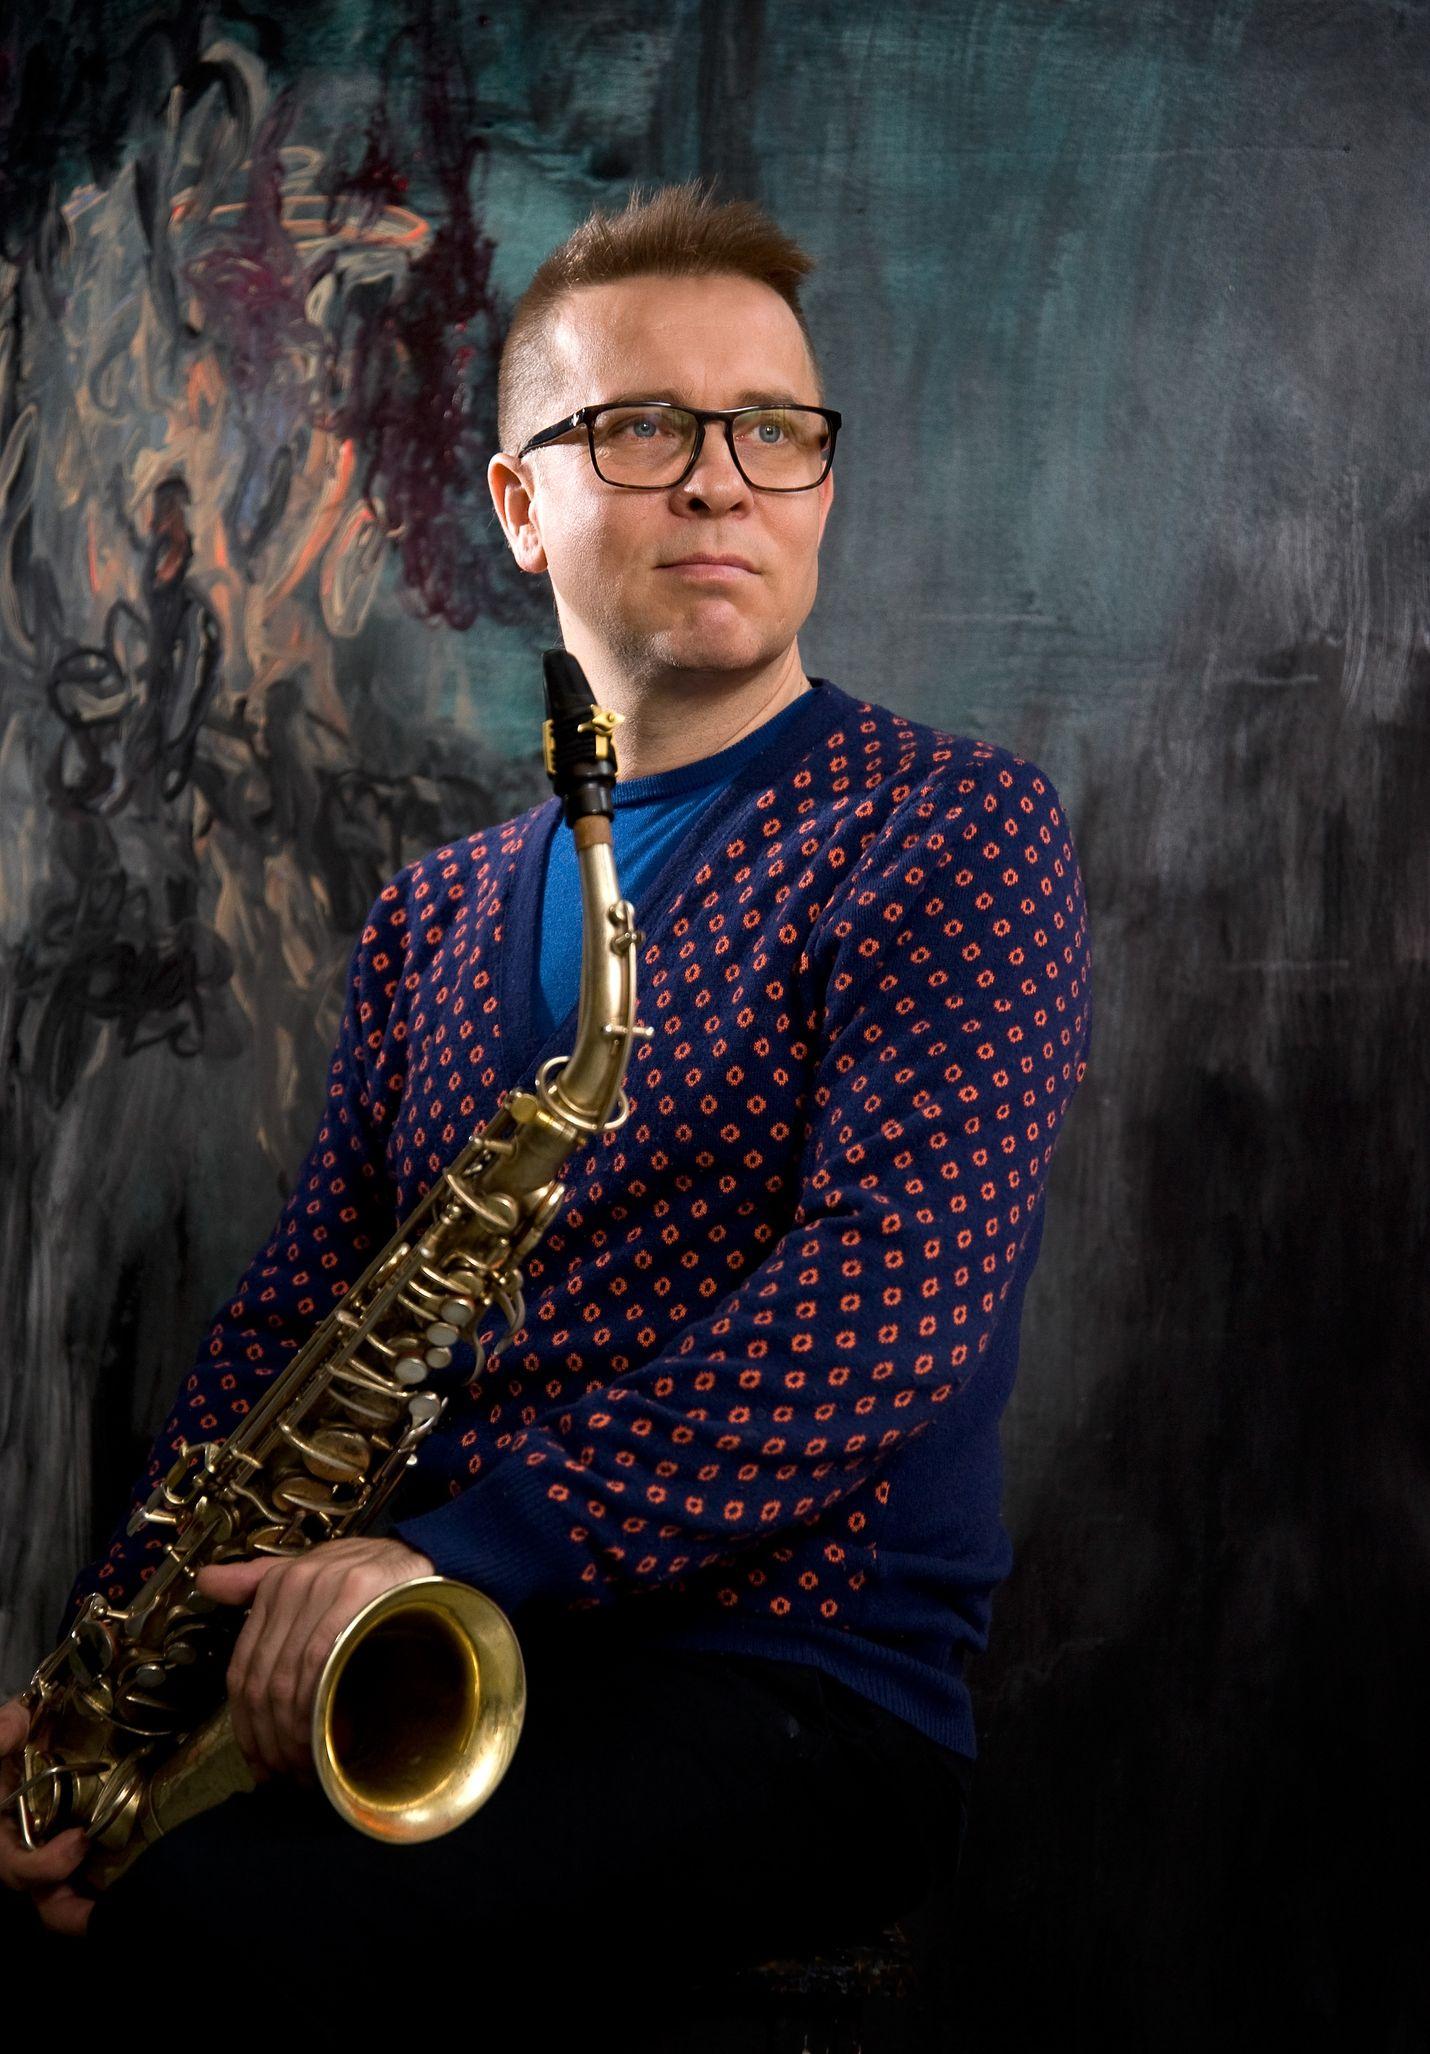 Jukka Perko esiintyy kokoonpanonsa kanssa toisena Lyhtyjen yössä.